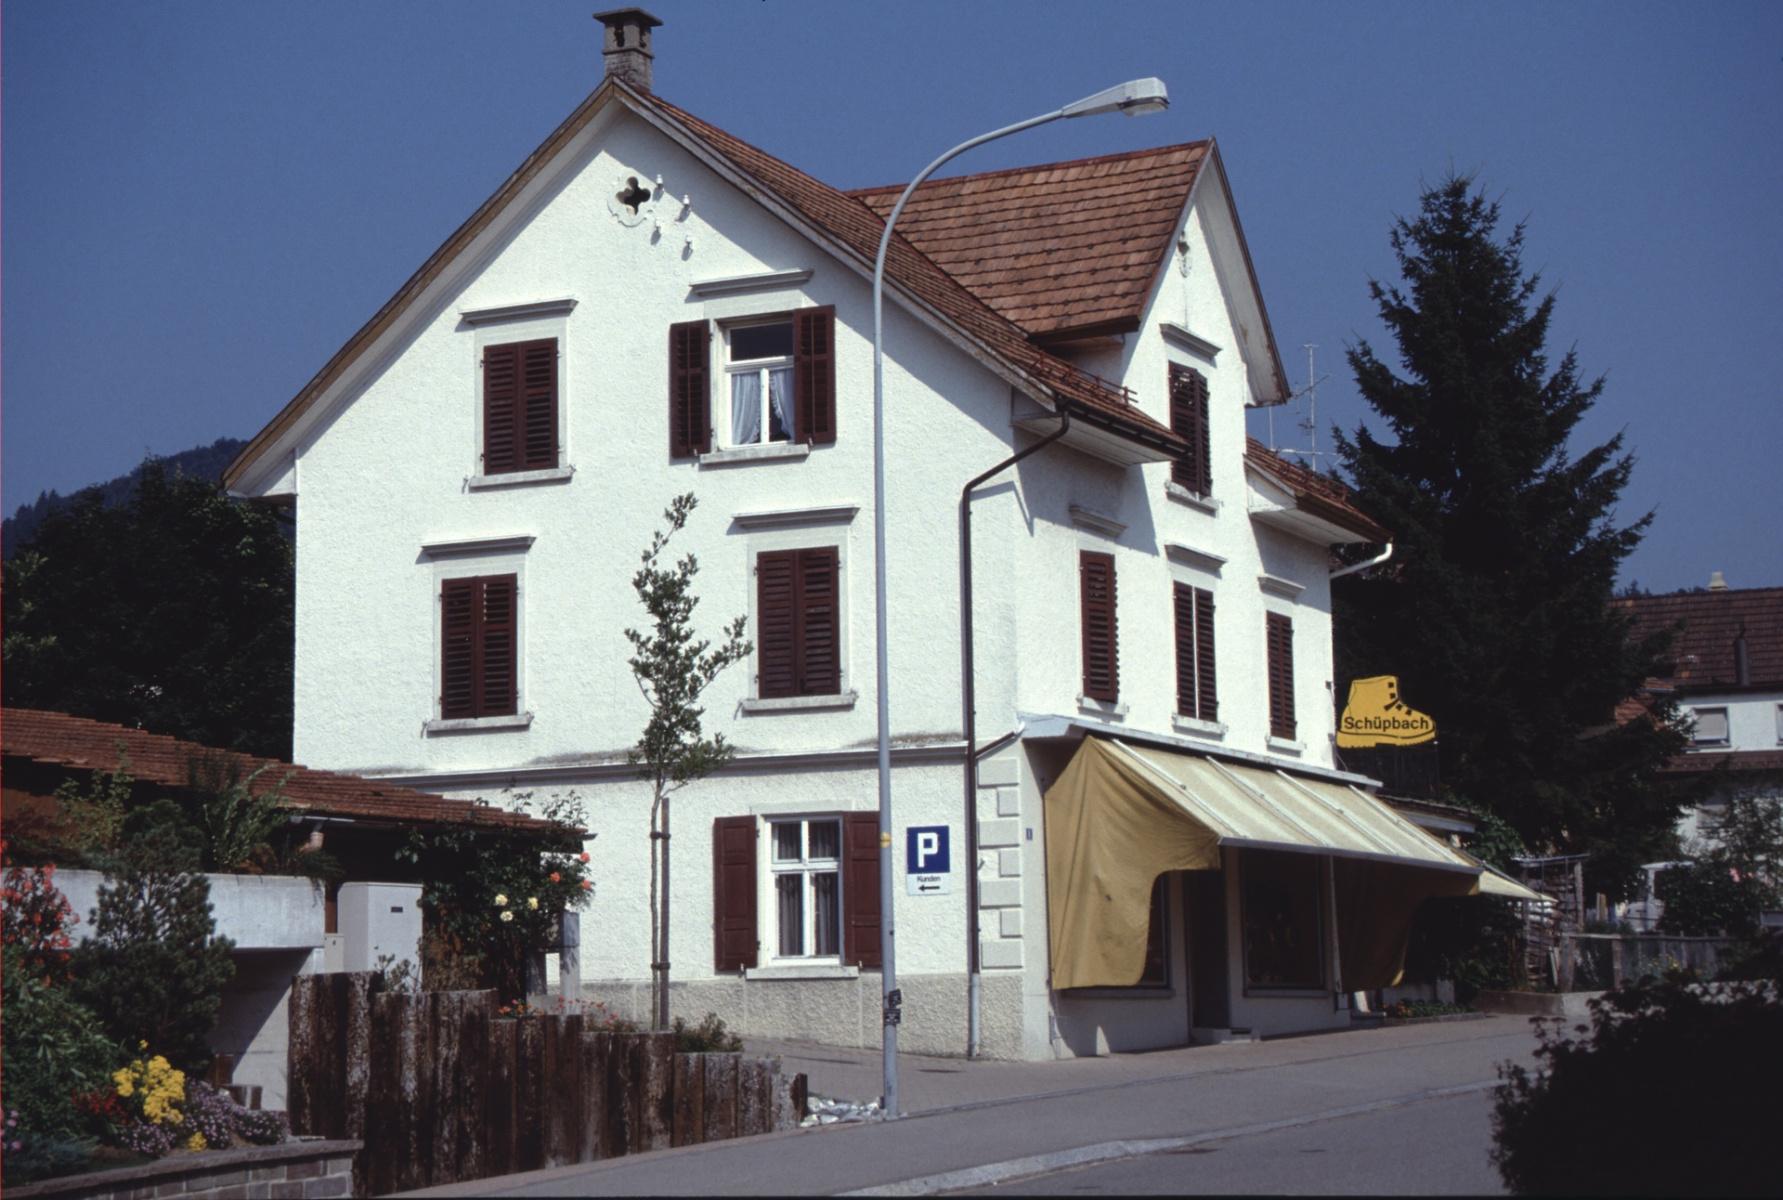 Bahnhofstr 8, Schuhaus Schüpbach (Anfangs August)